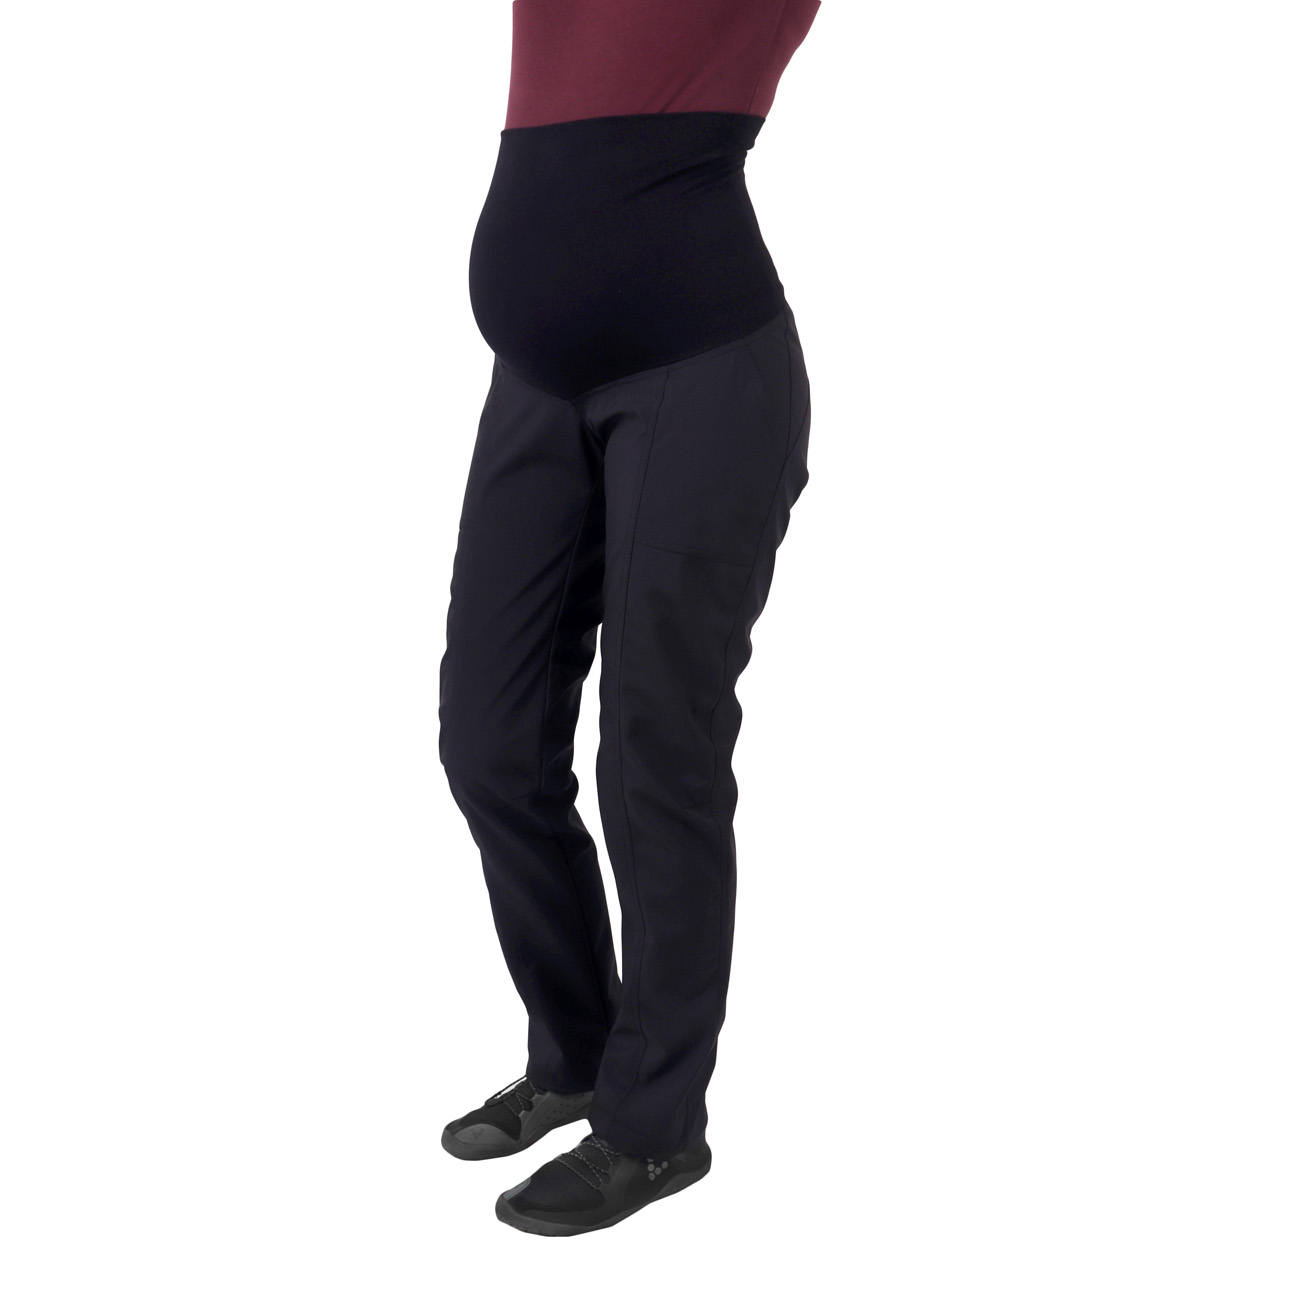 Jarní/letní těhotenské softshellové kalhoty liva, černé, 42 prodloužené